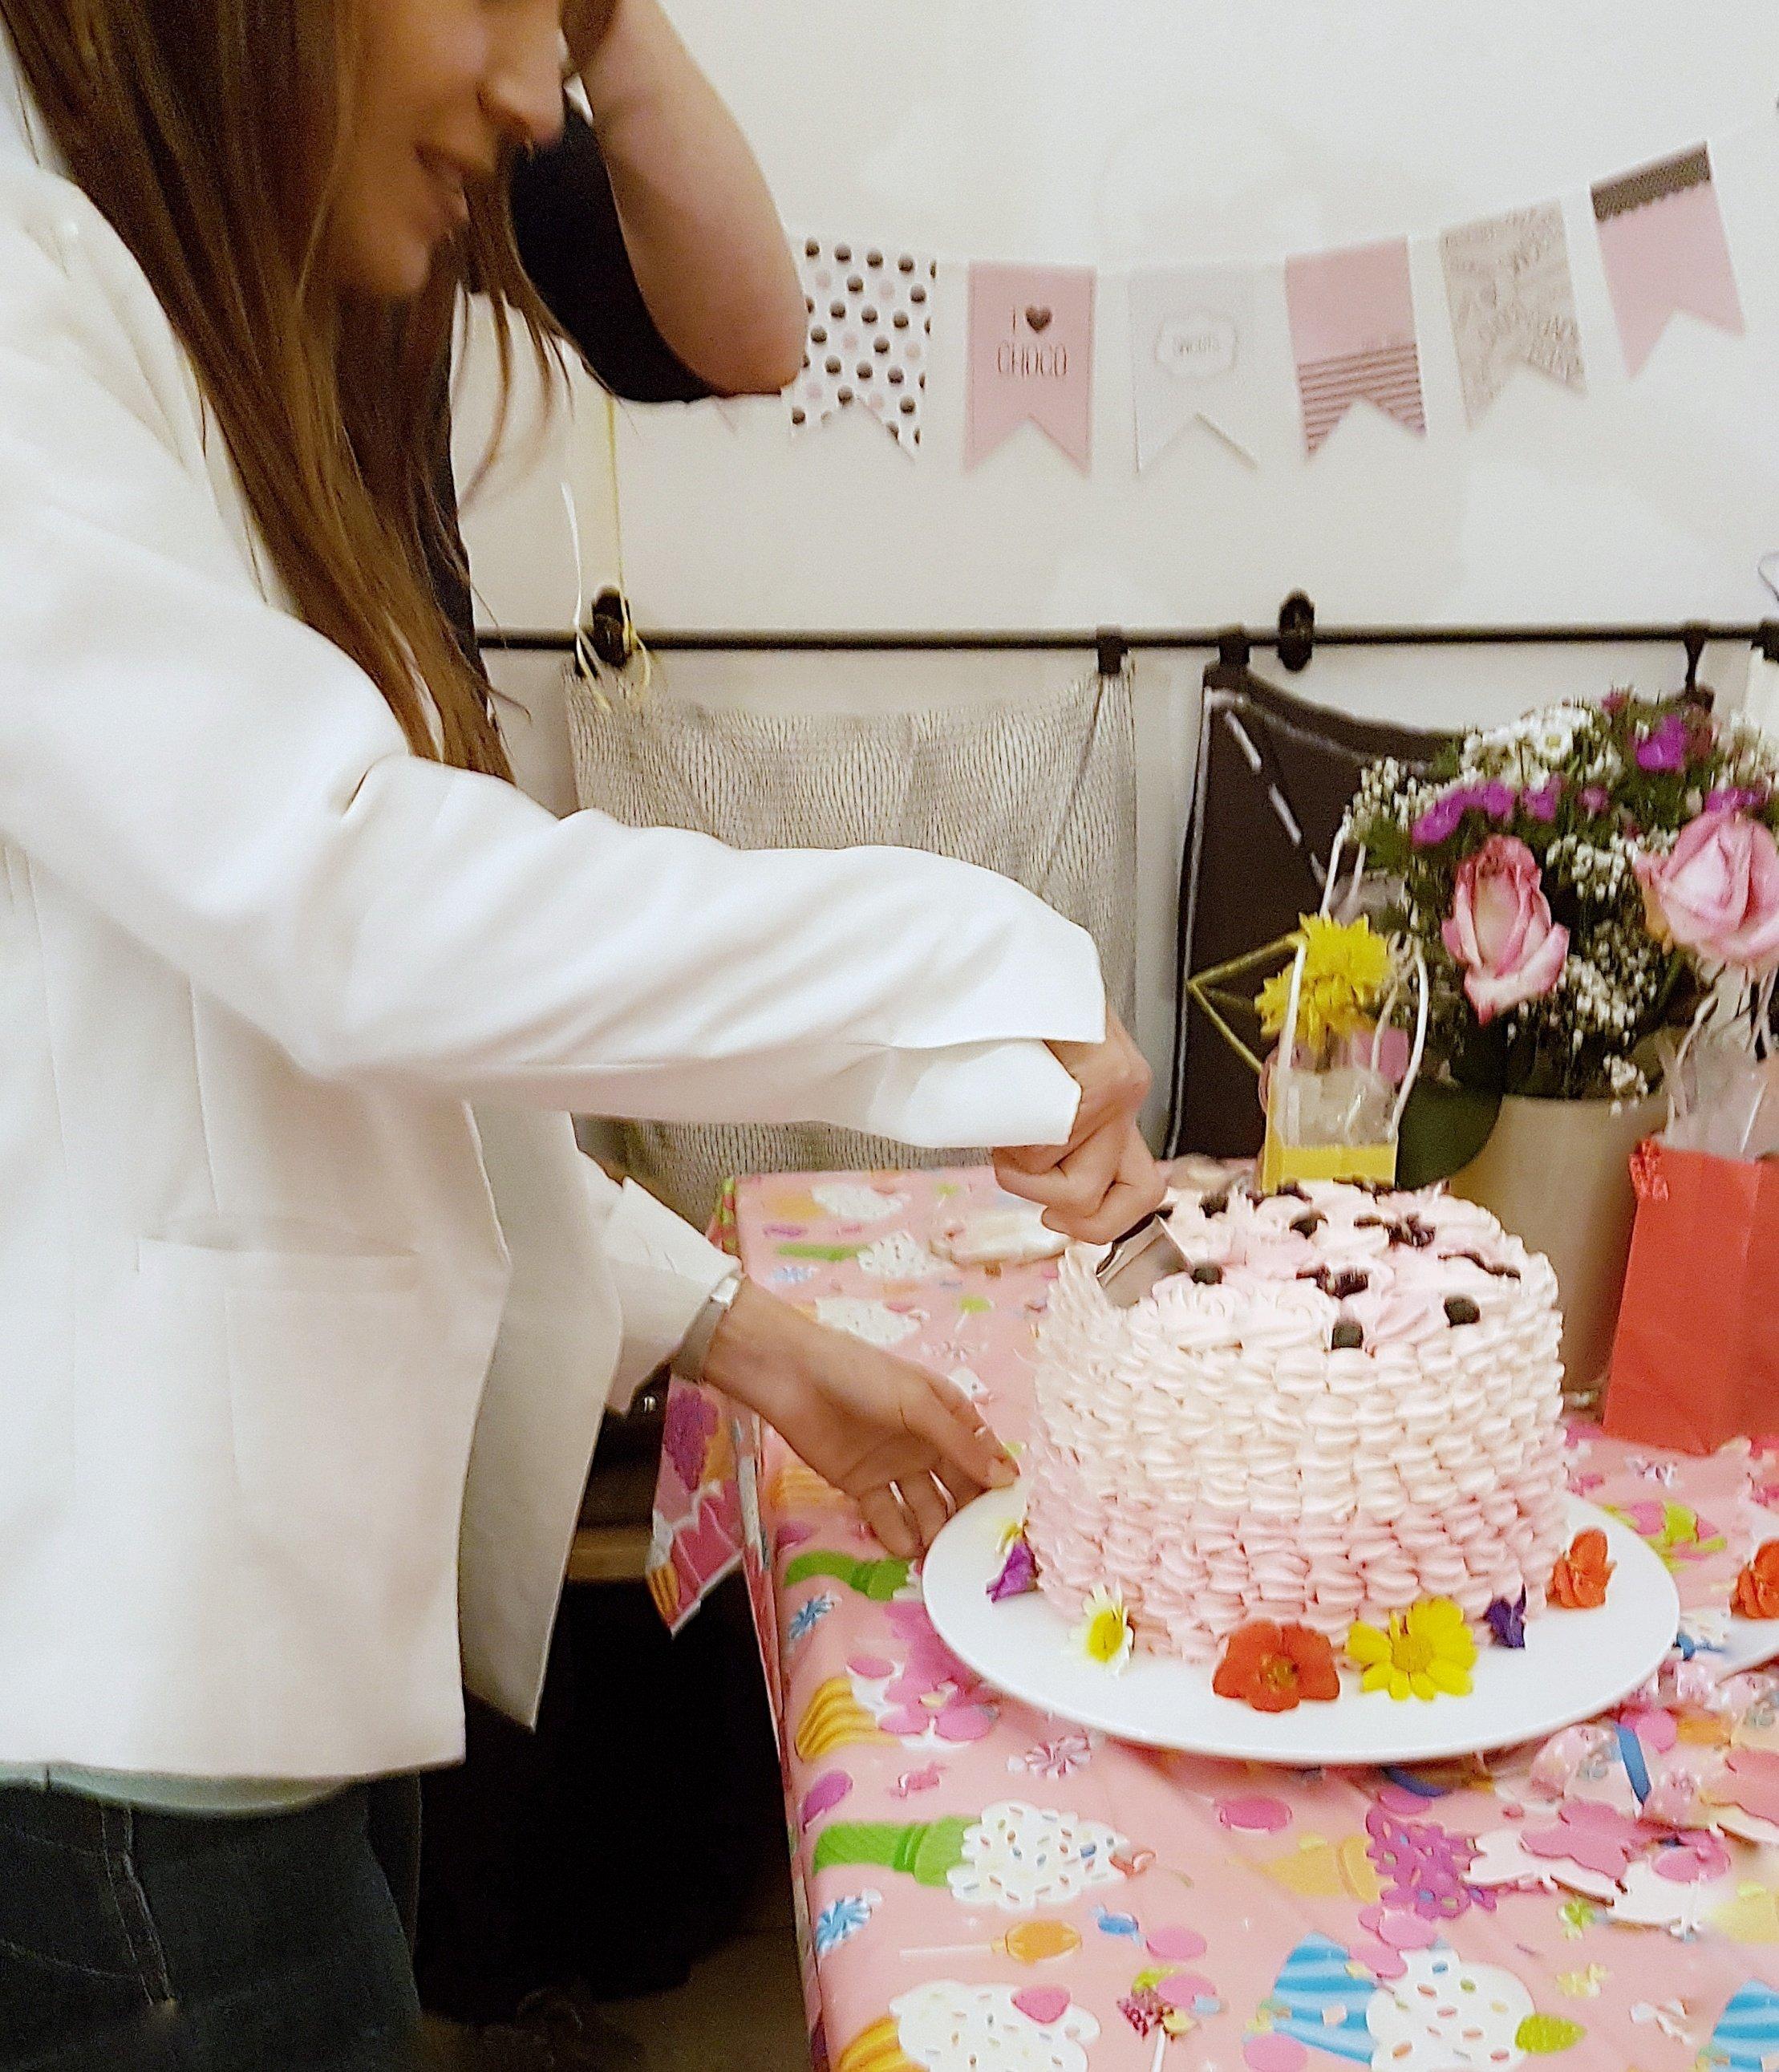 Jasmins 23. Geburtstag Torte anschneiden